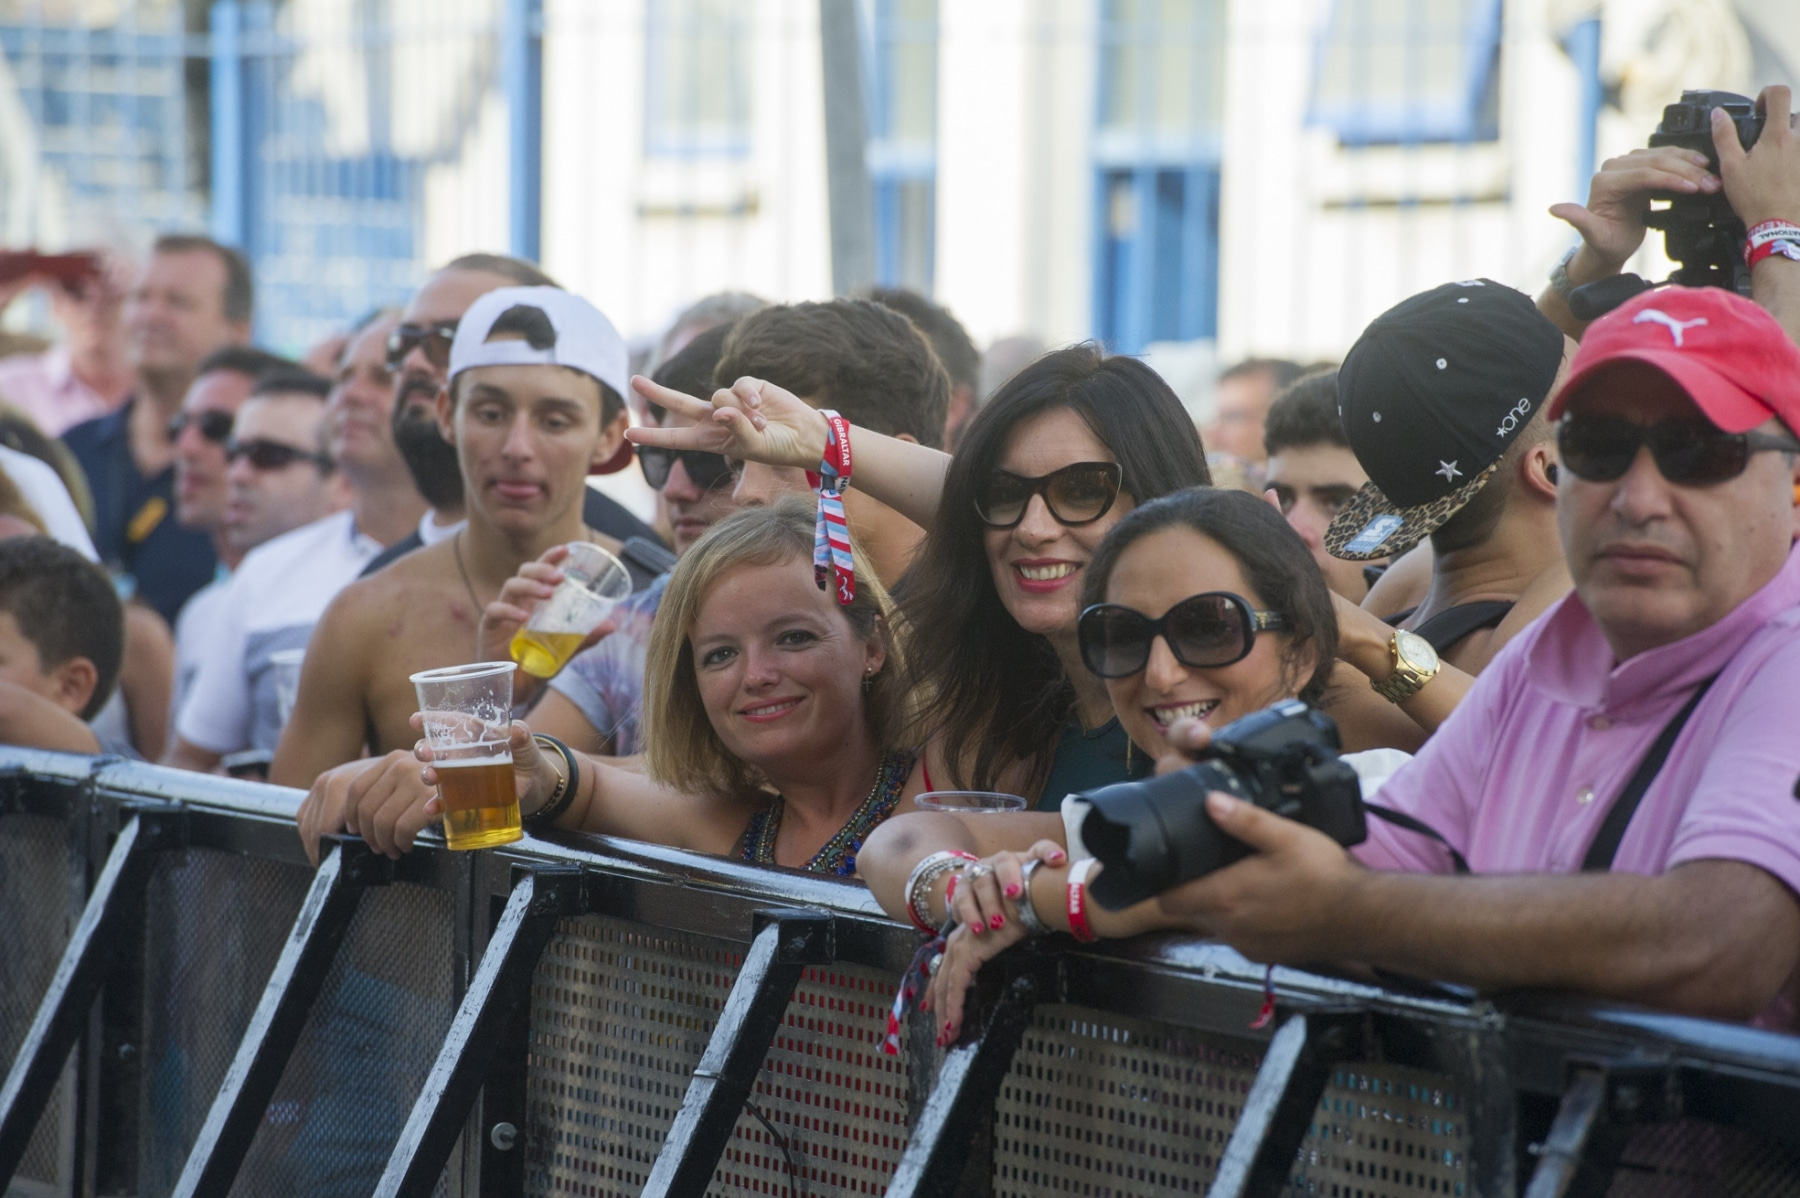 6-septiembre-2015-gibraltar-music-festival-2015-iii48_21190199416_o